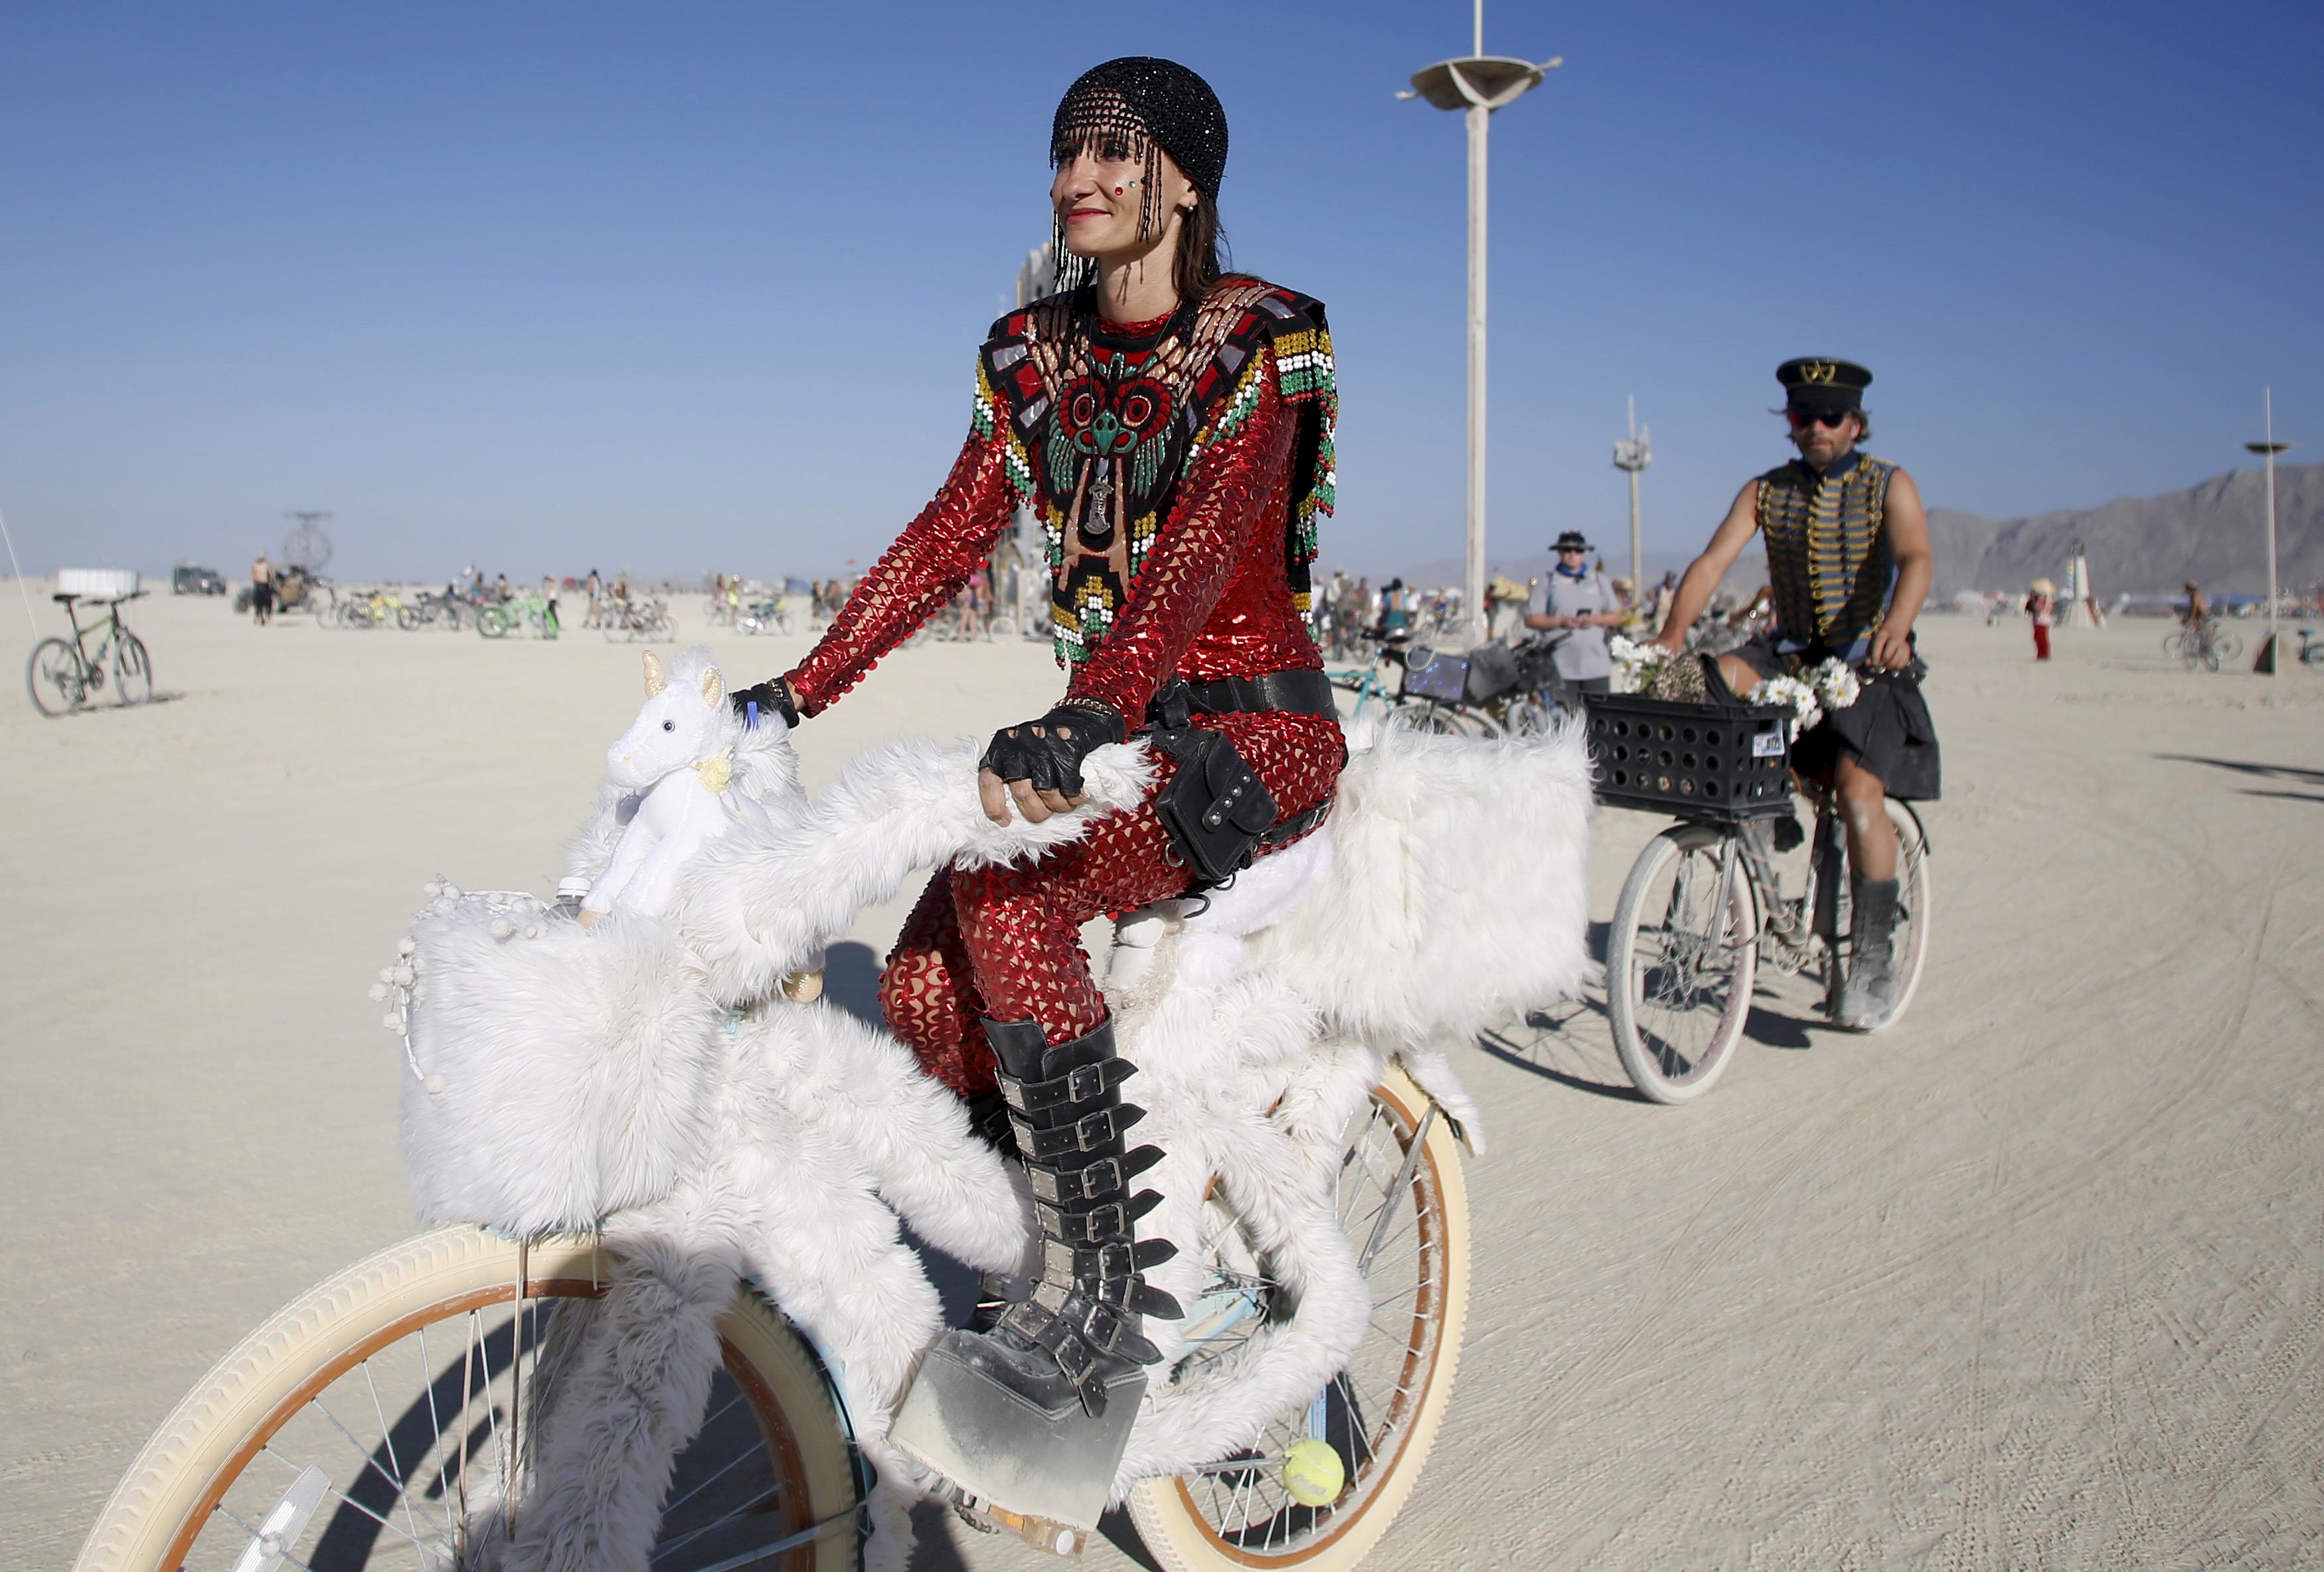 Burning Man Festival 2016 Tickets & Line-up | Festivalmag